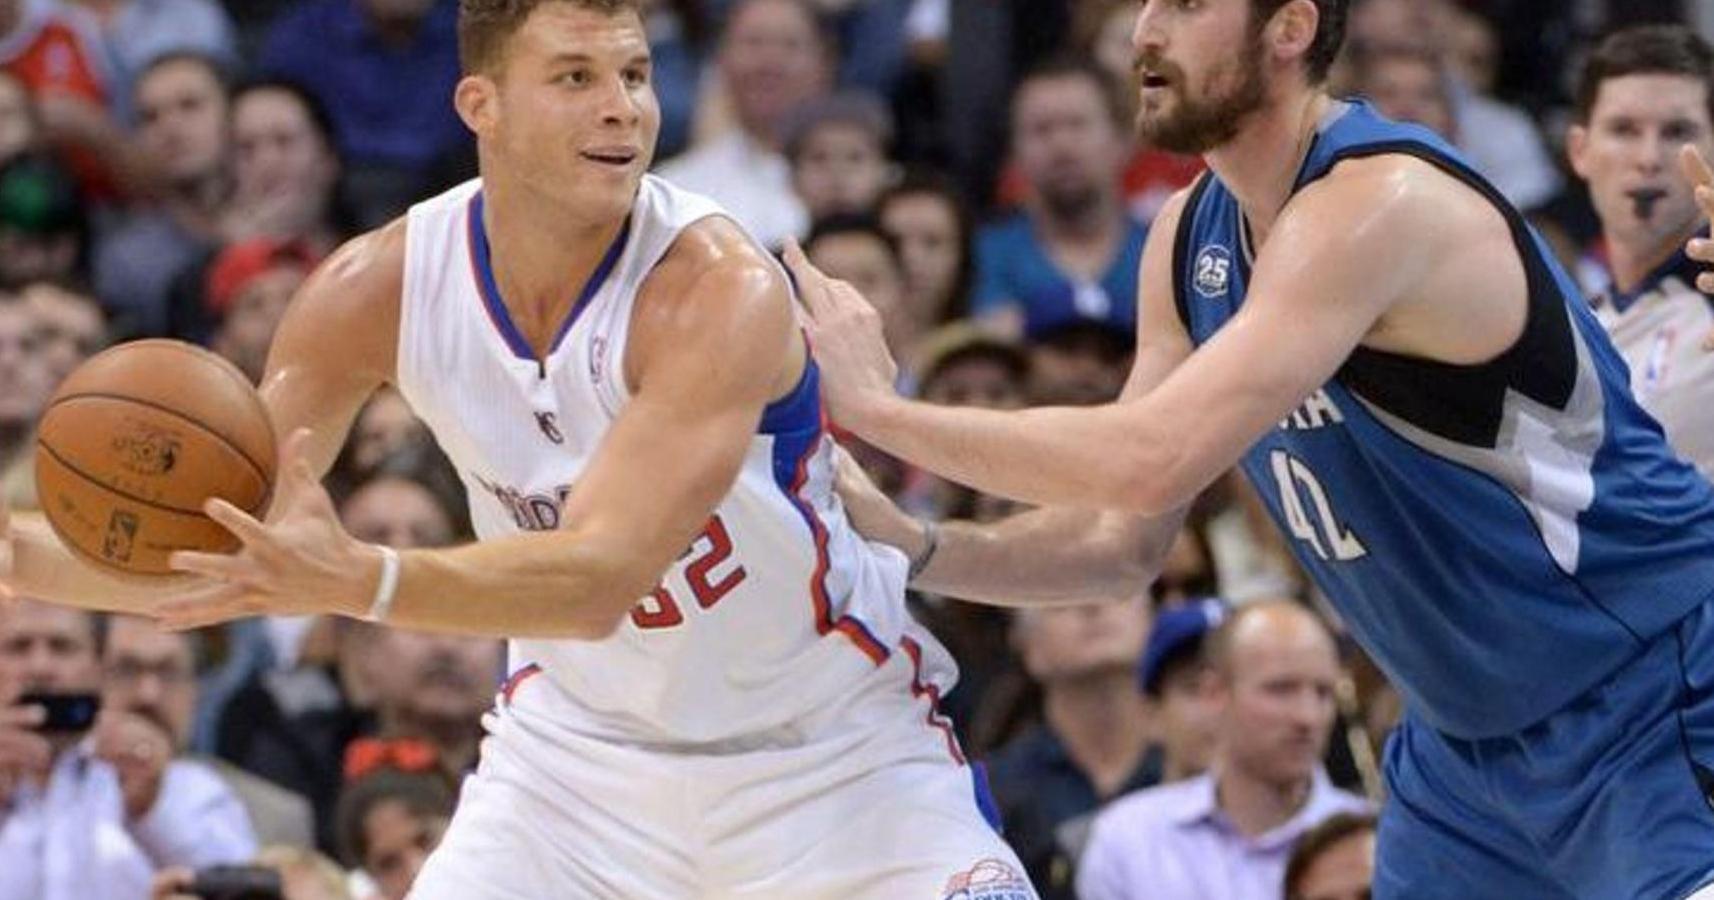 意甲NBA联盟大前锋位置上 进攻最好防守最烂的两